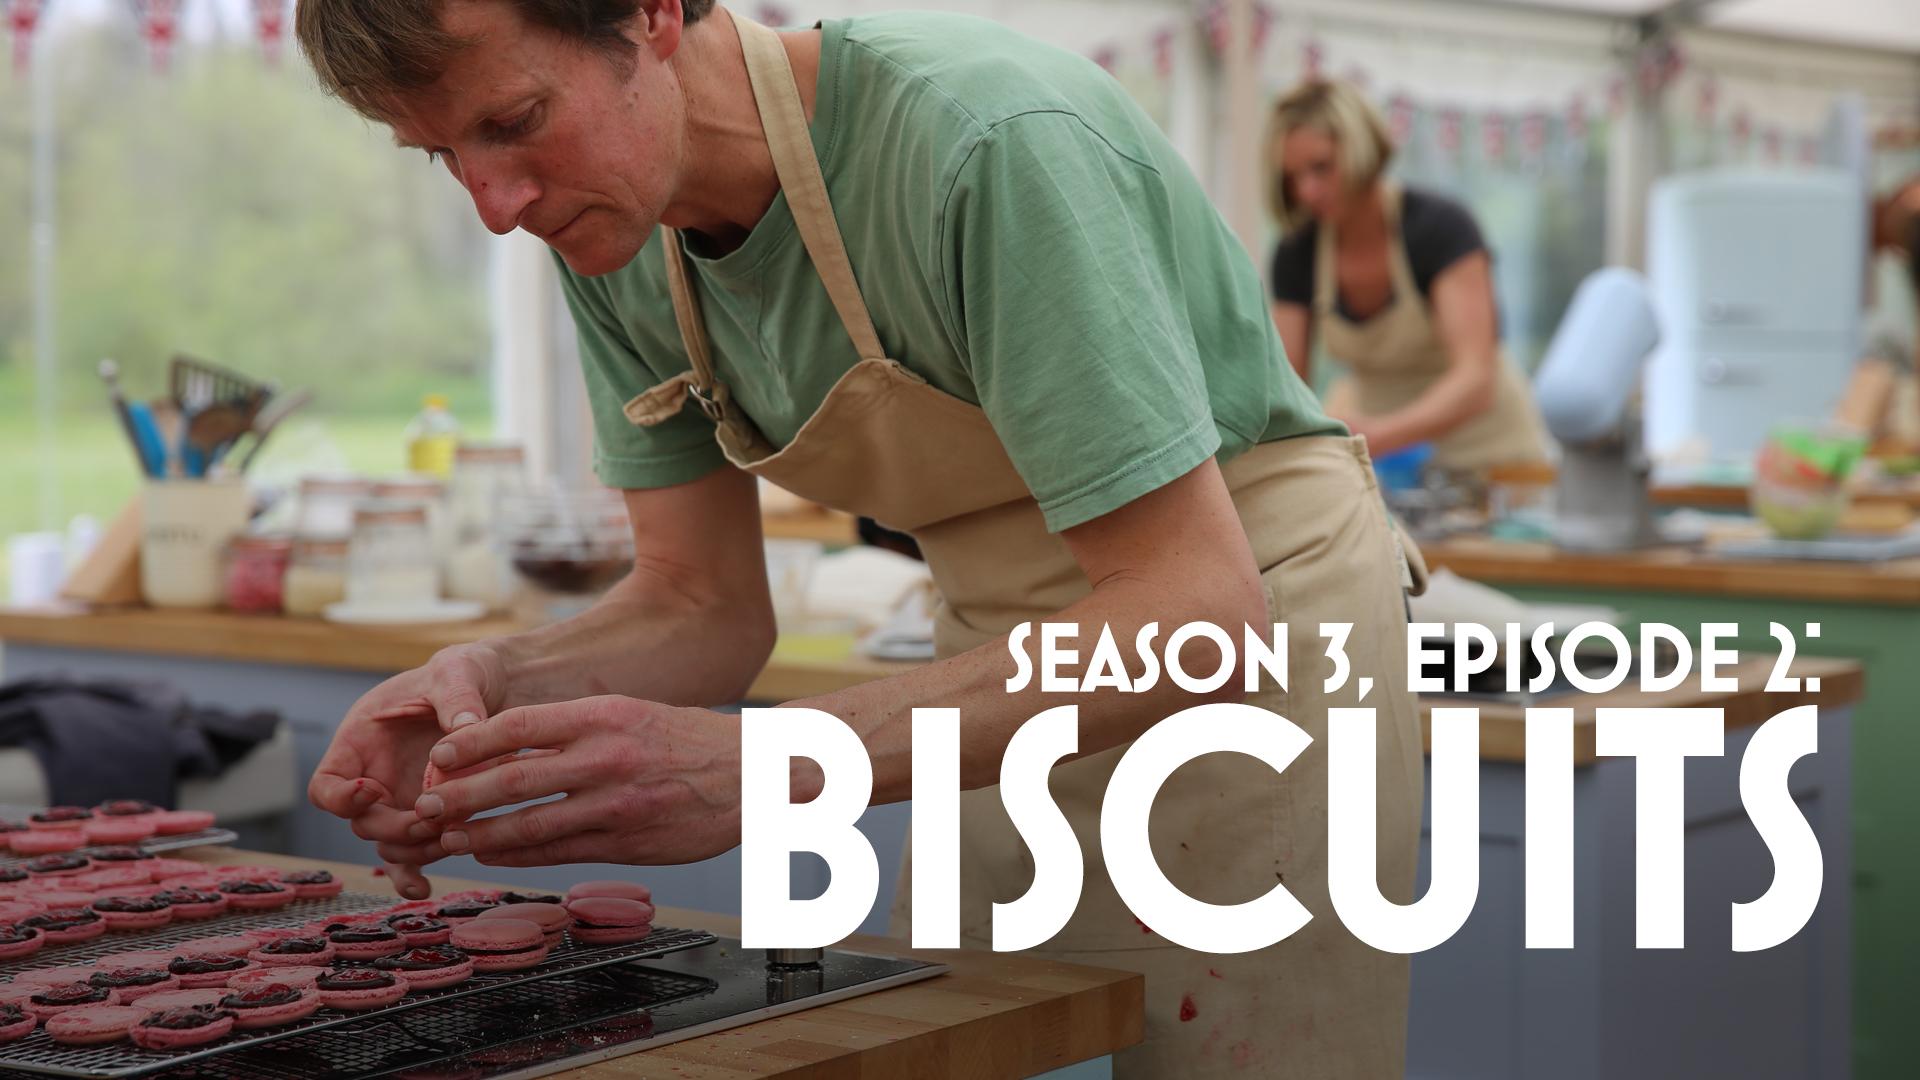 Episode 2: Biscuits